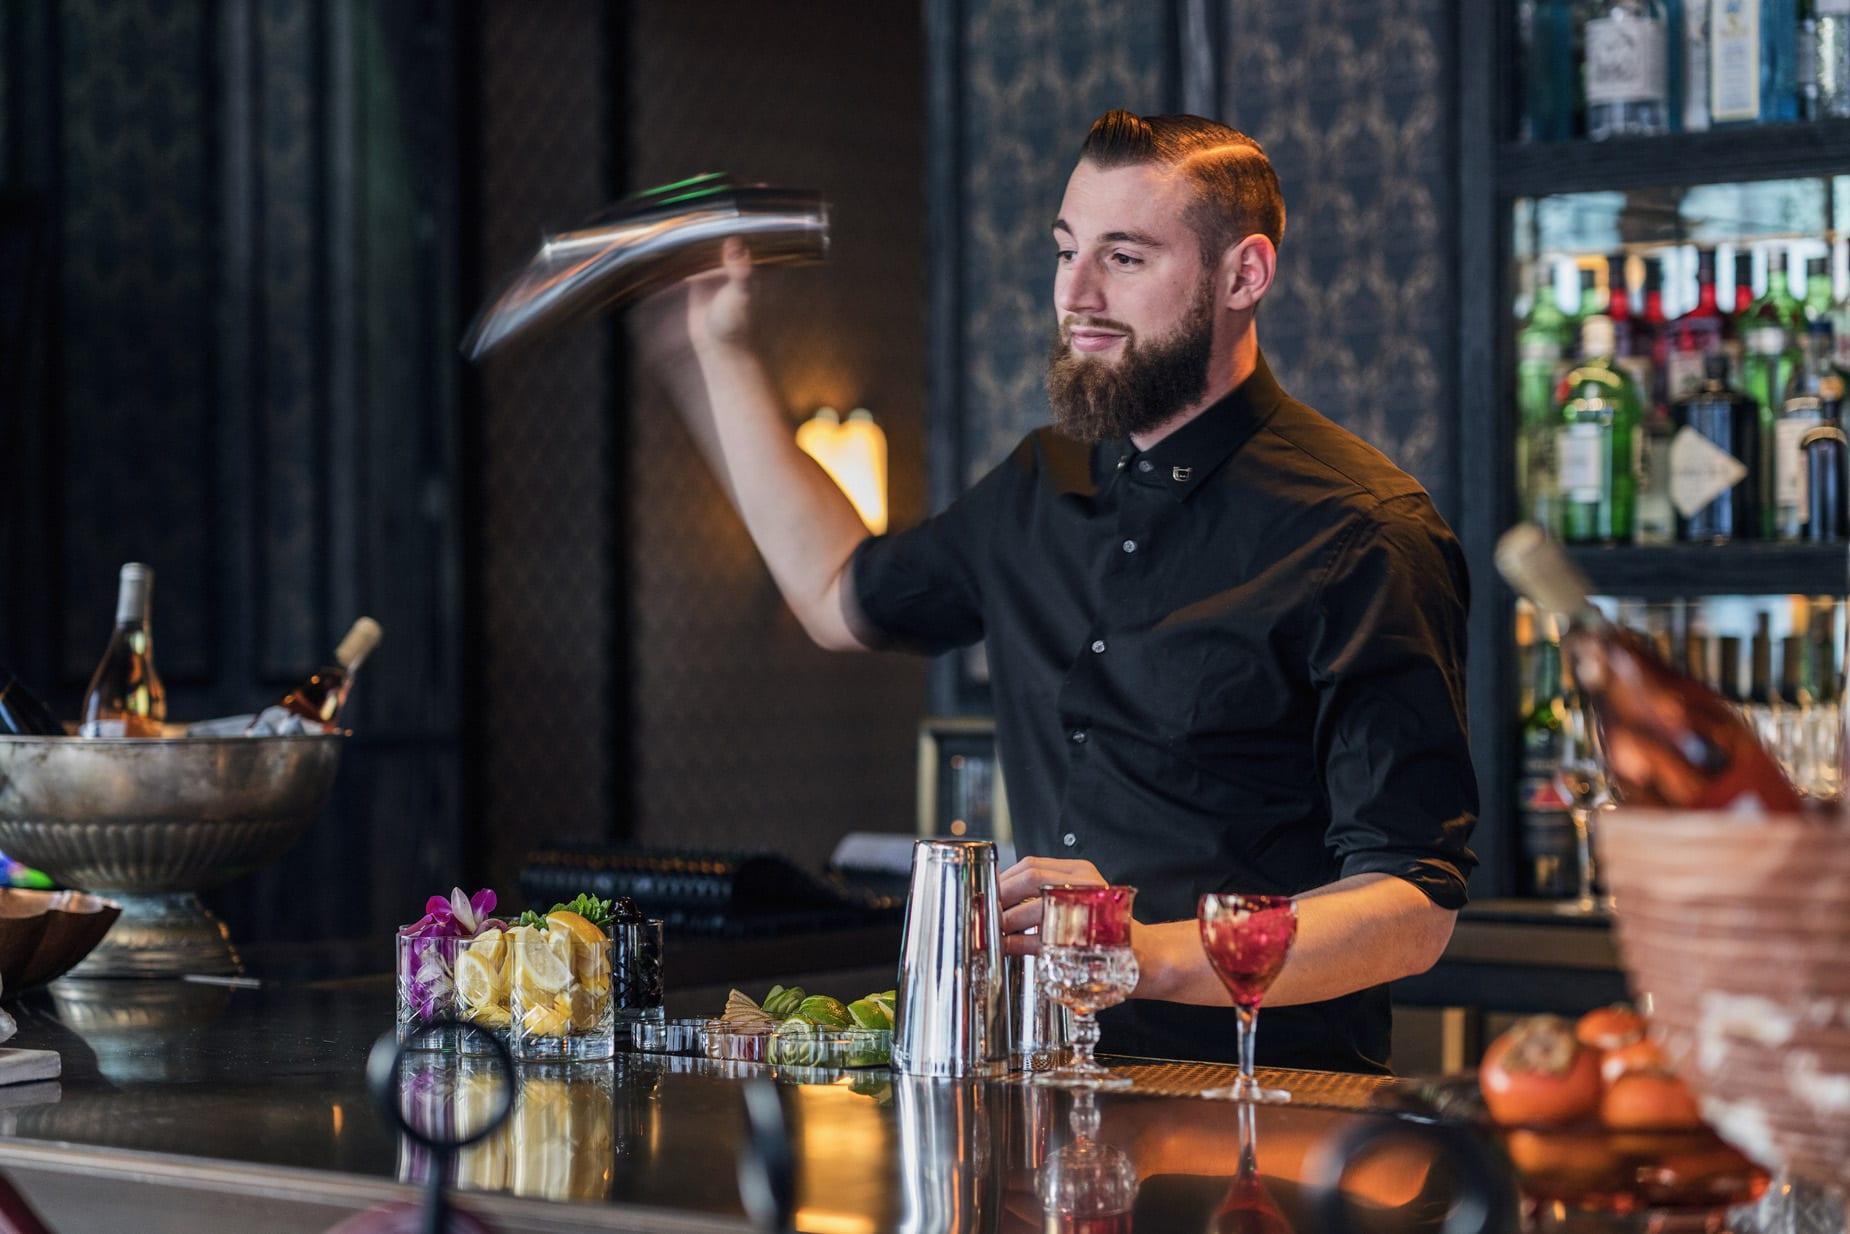 Bartender creating a drink at Proper Hotel